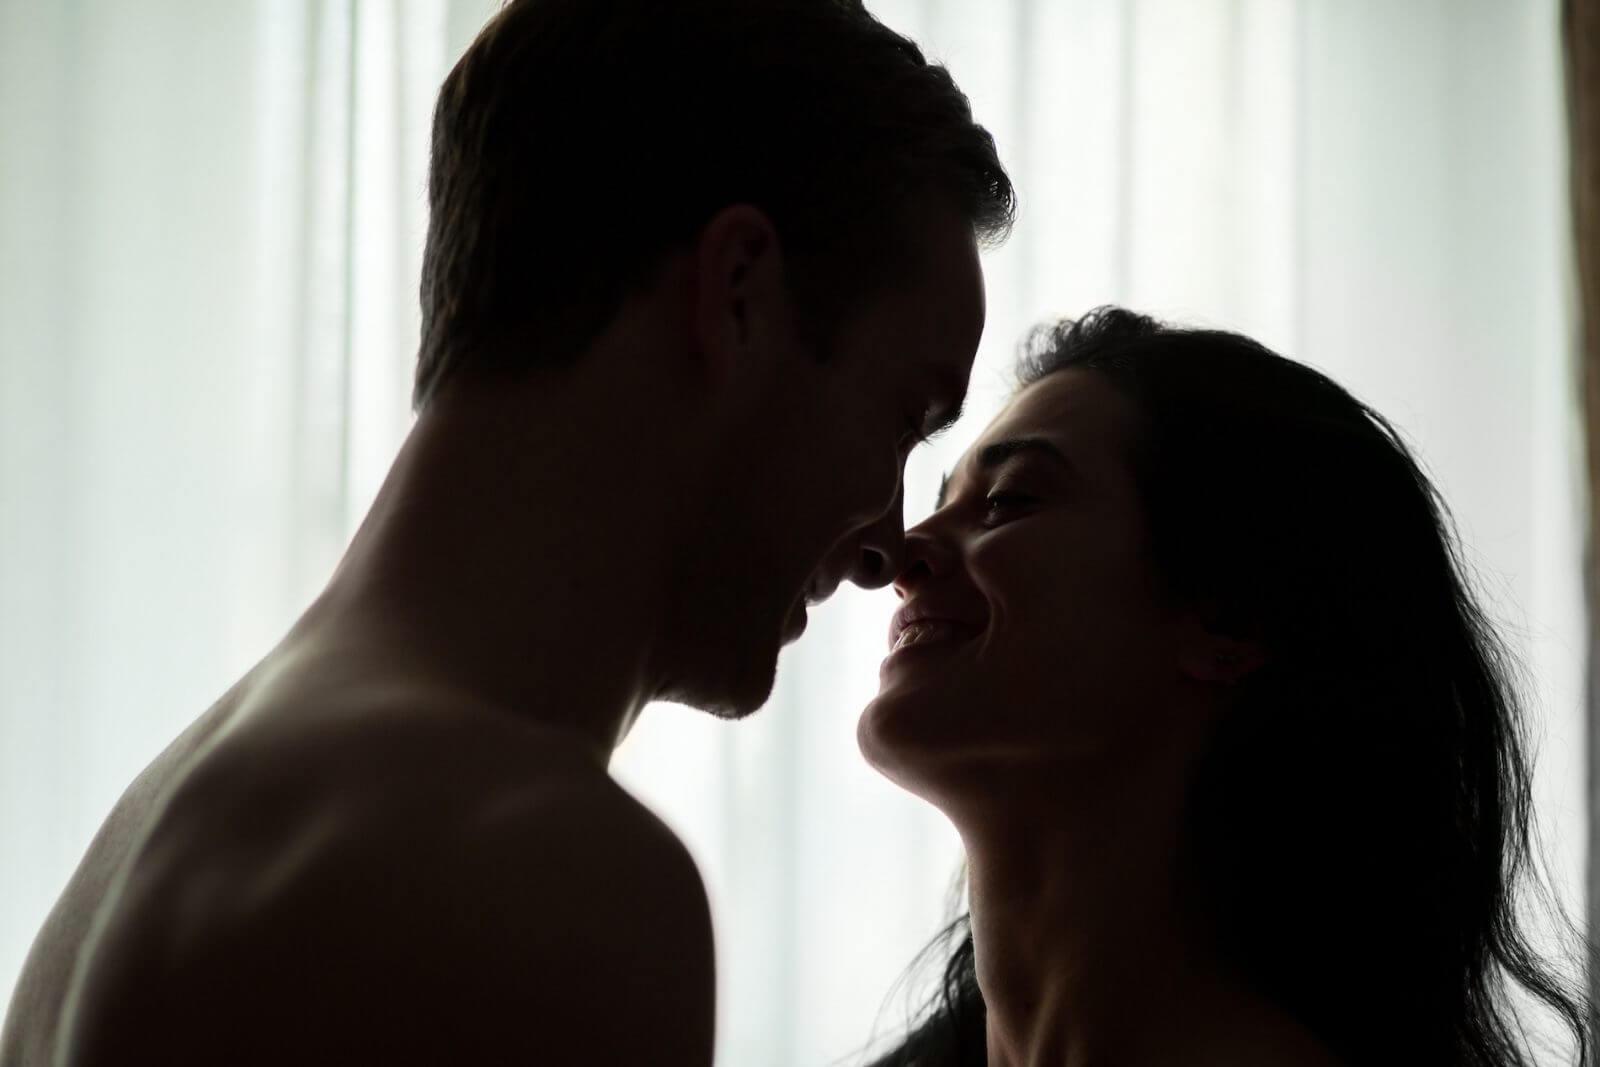 el sexo y pensamientos